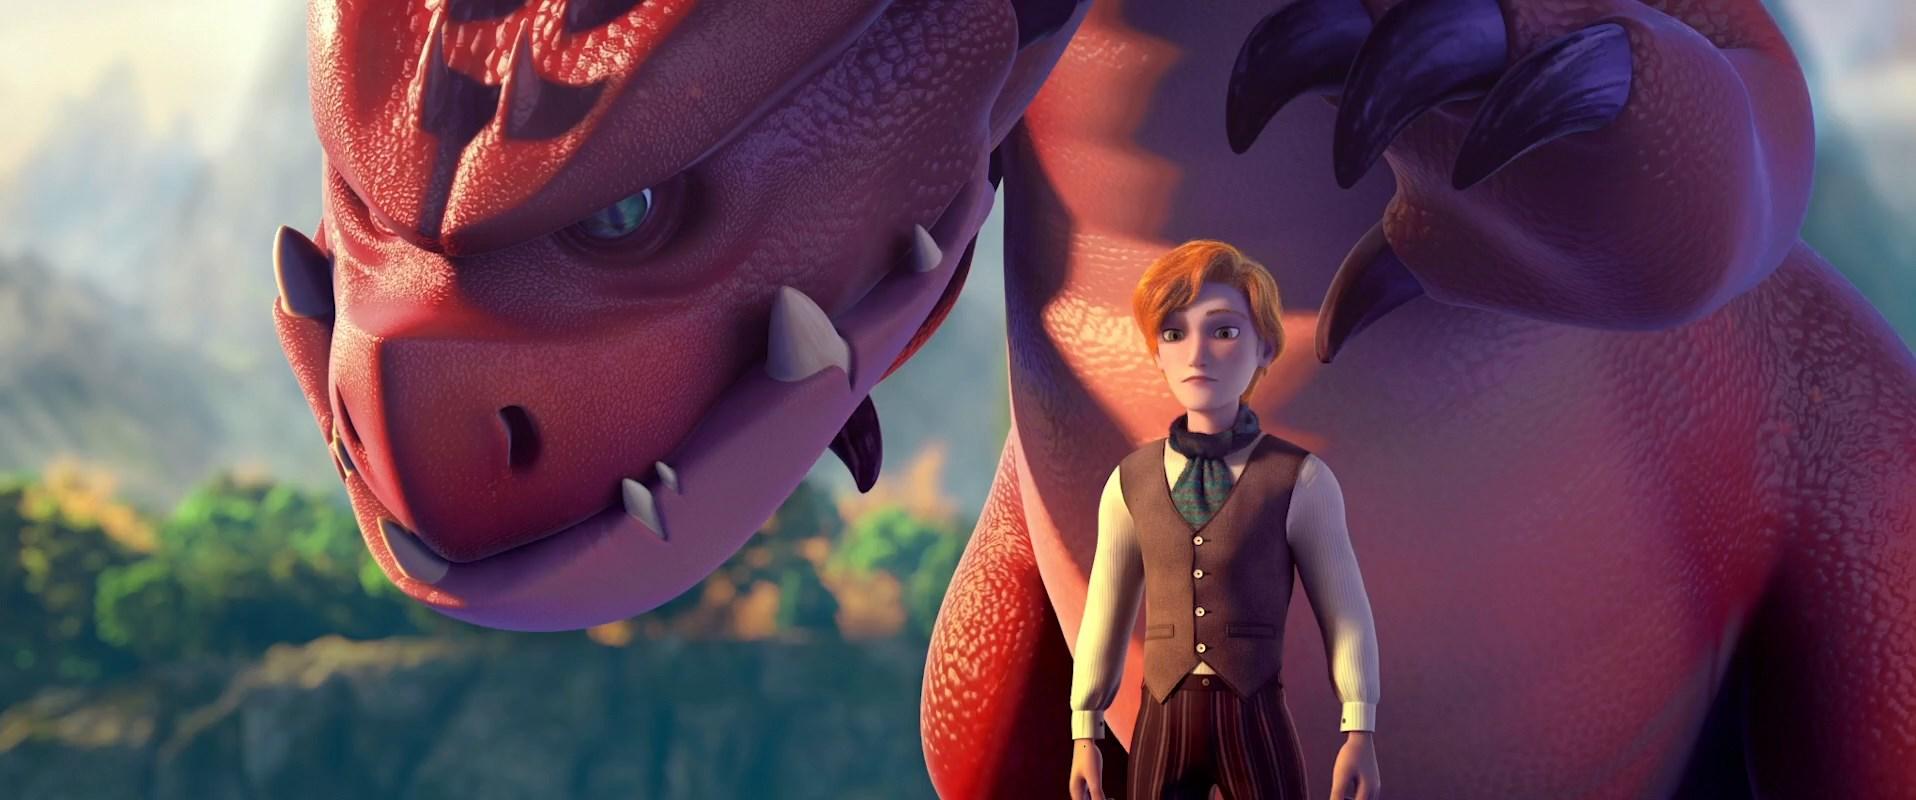 Colegio de magia y hechiceria (2020) 1080p WEB-DL